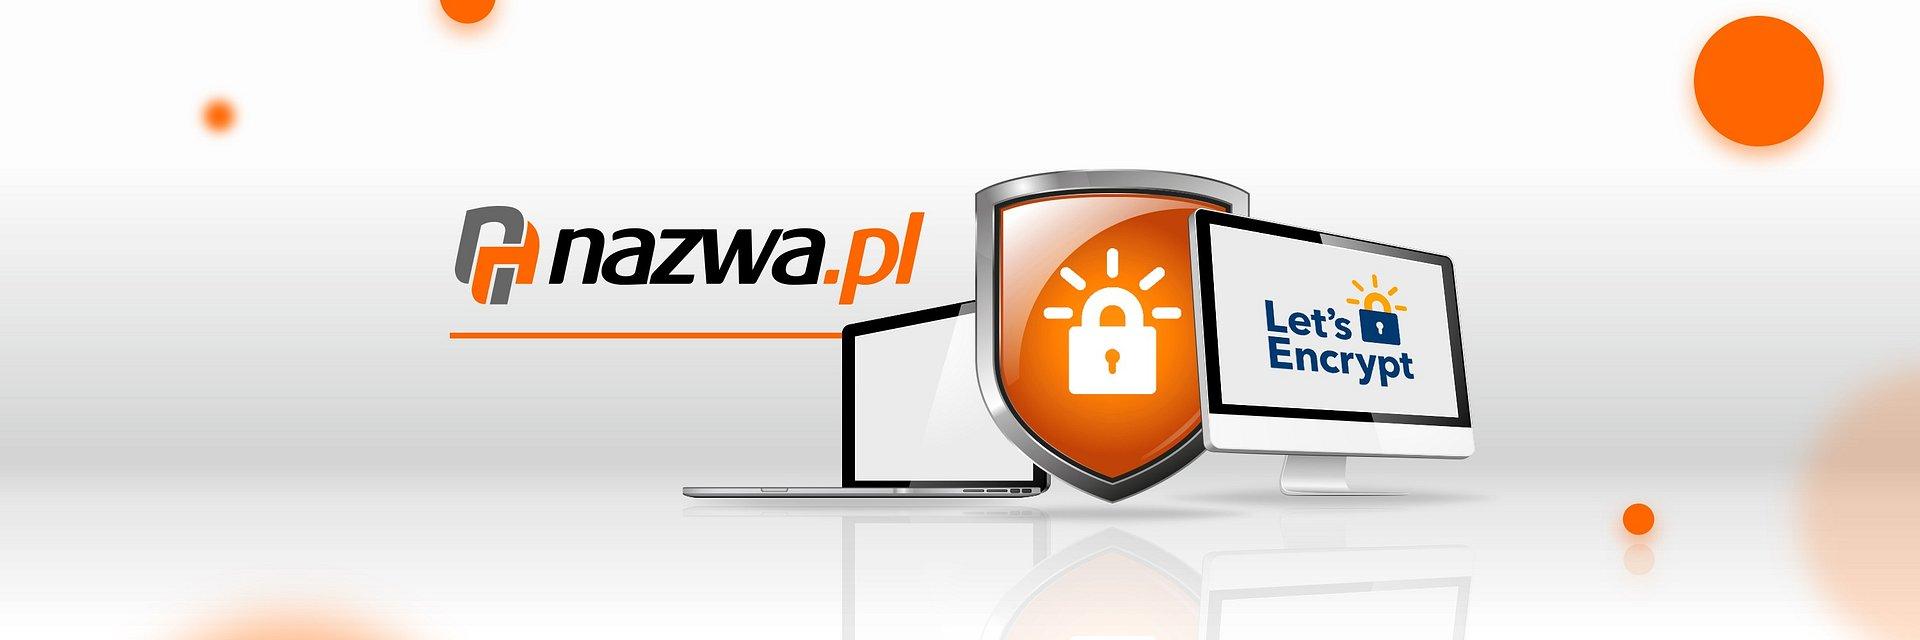 Nazwa.pl rozszerza ochronę domen swoich klientów